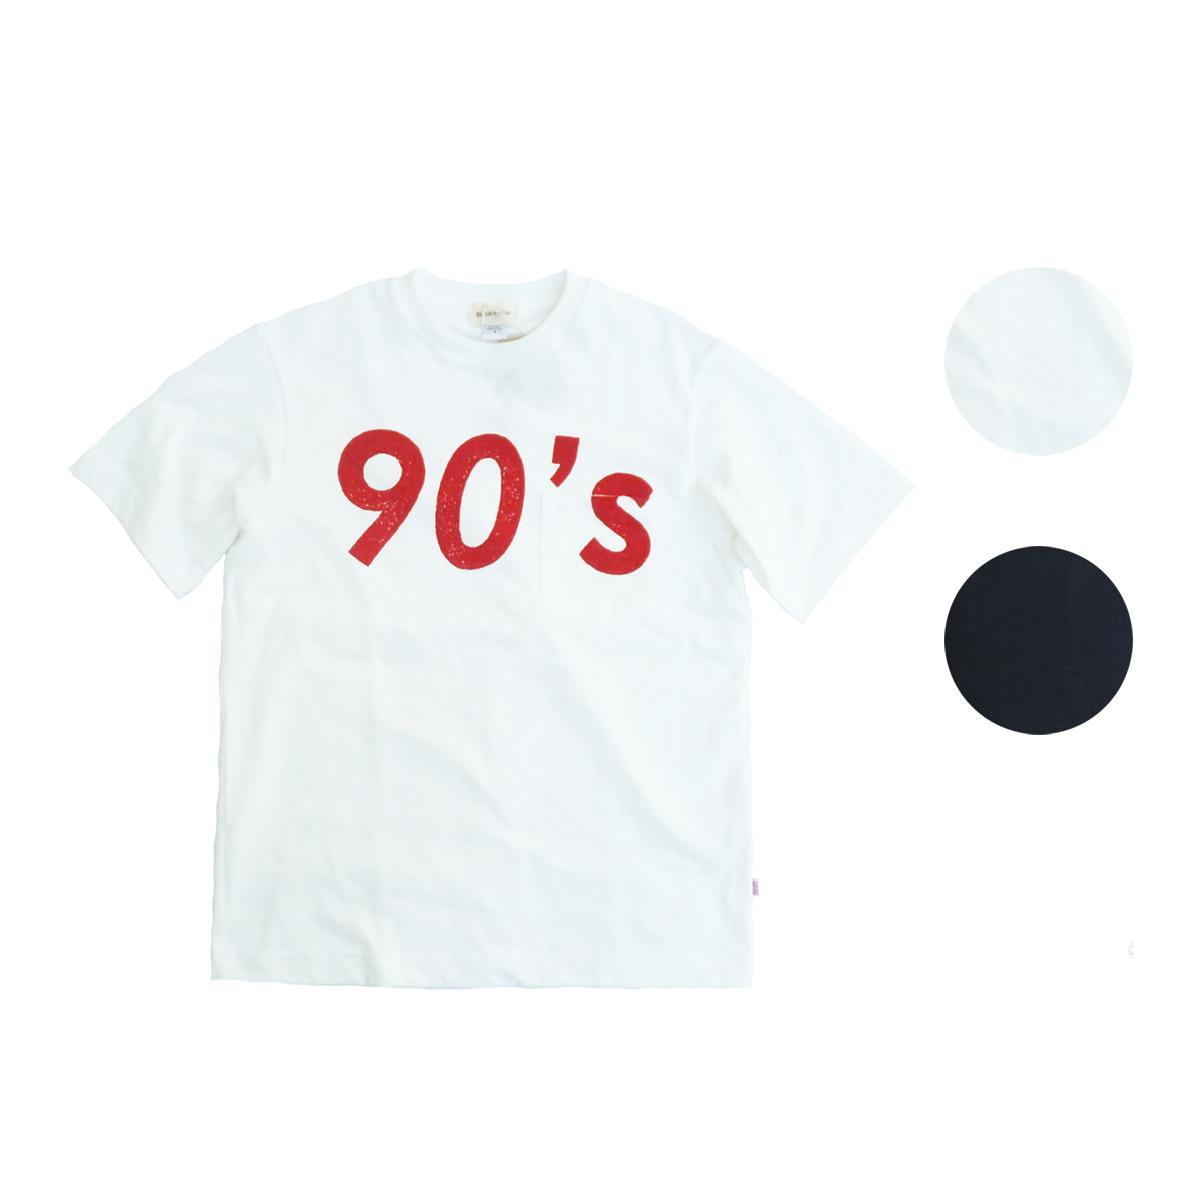 画像1: BACK HEAD バックヘッド STAMP POCKET TEE 90's 全2色 メンズ/レディース (1)